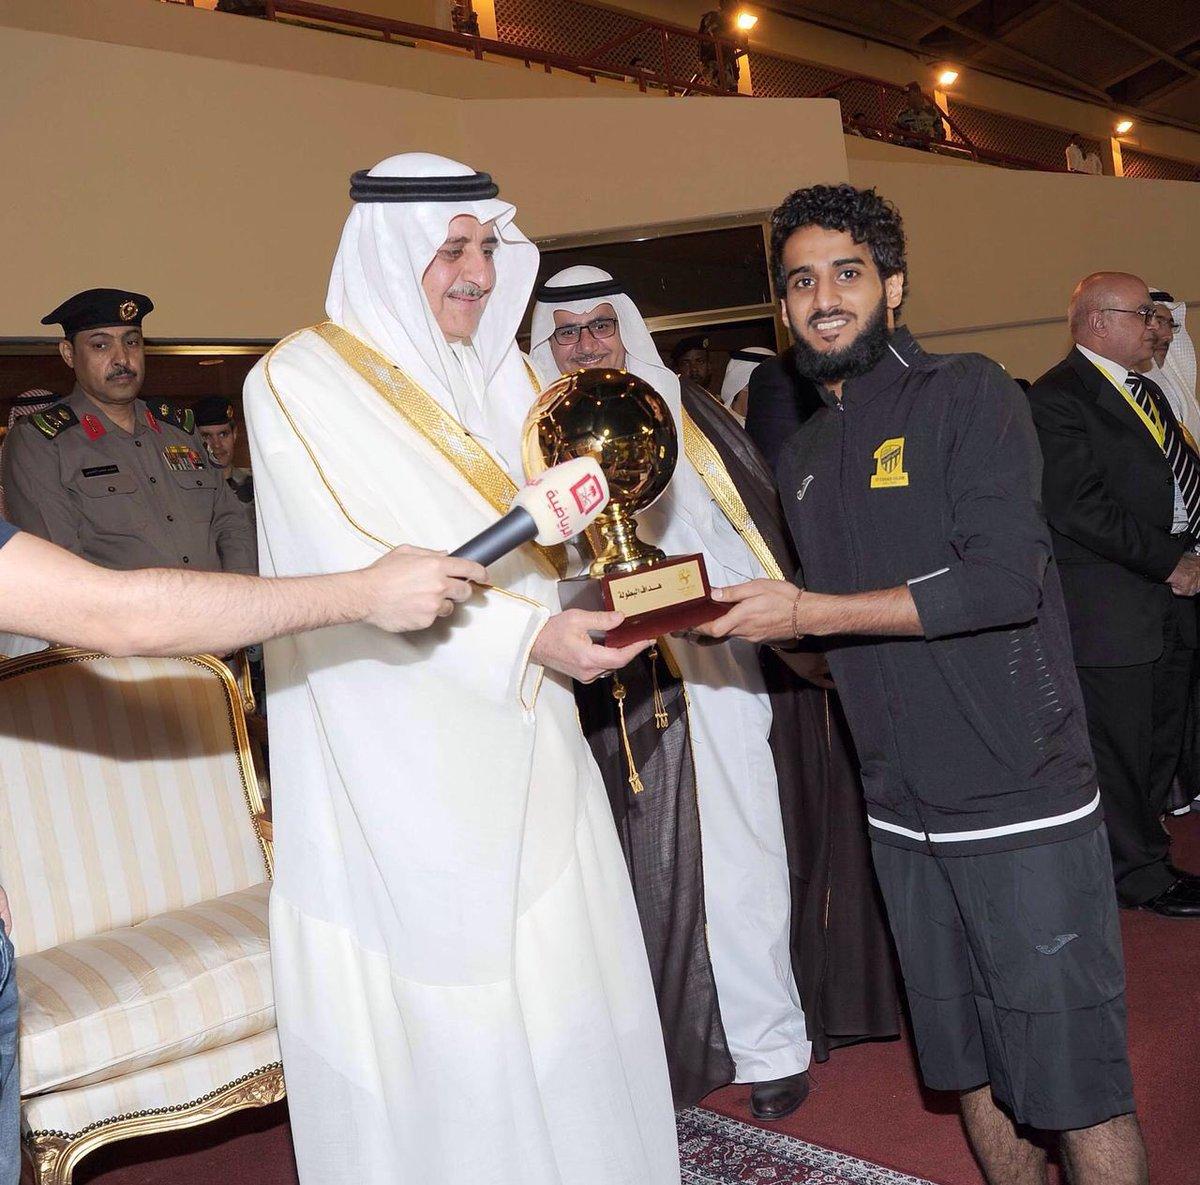 فهد الأنصاري جائزة افضل لاعب وعبدالرحمن الغامدي هداف البطولة الدولية الودية في تبوك